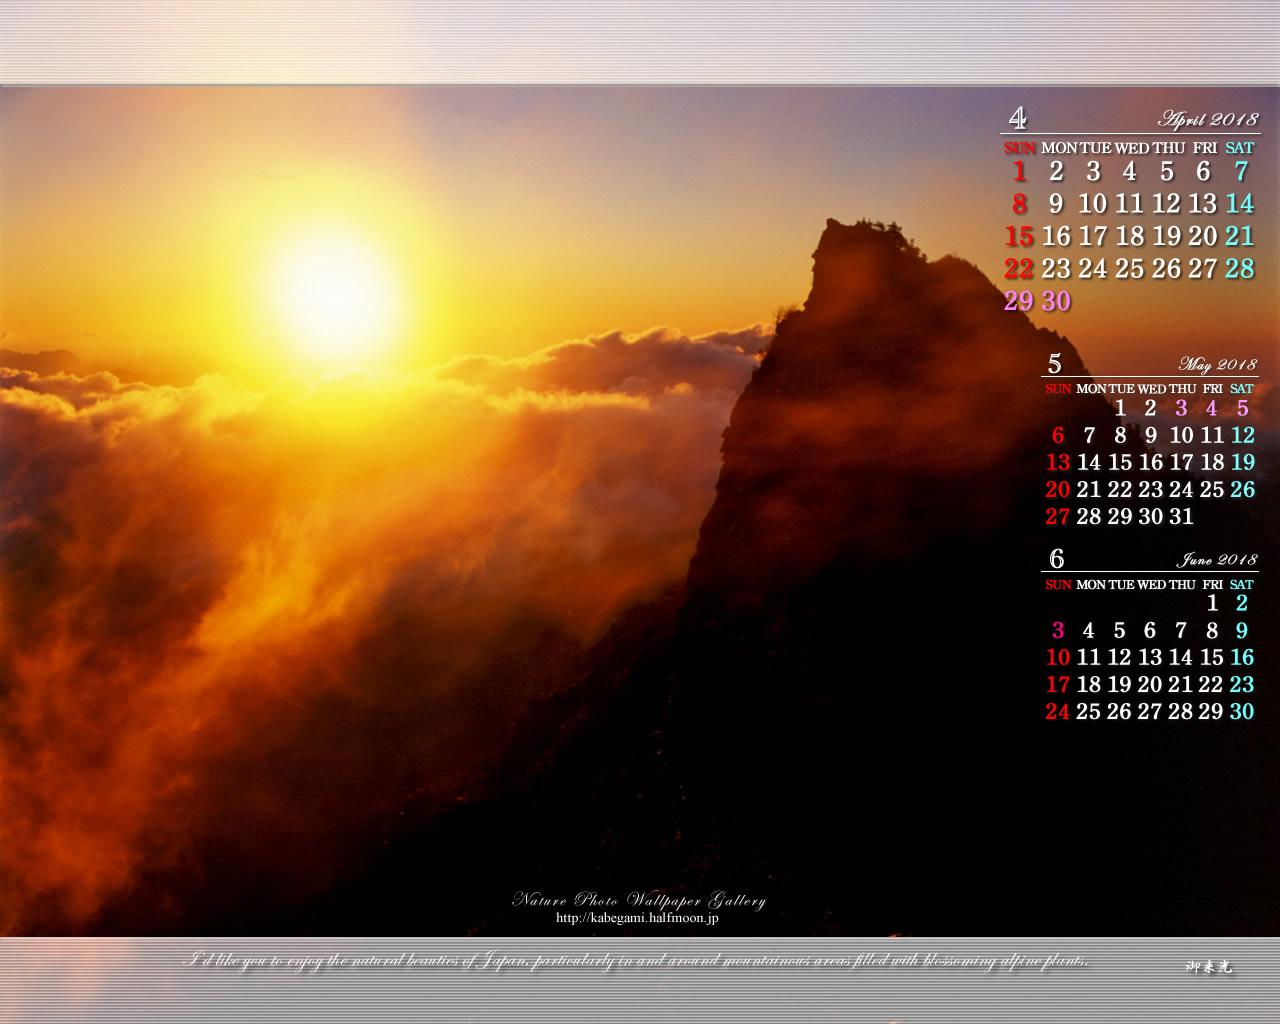 18年4月の無料カレンダー壁紙 1280x1024 山岳風景 石鎚自然写真館